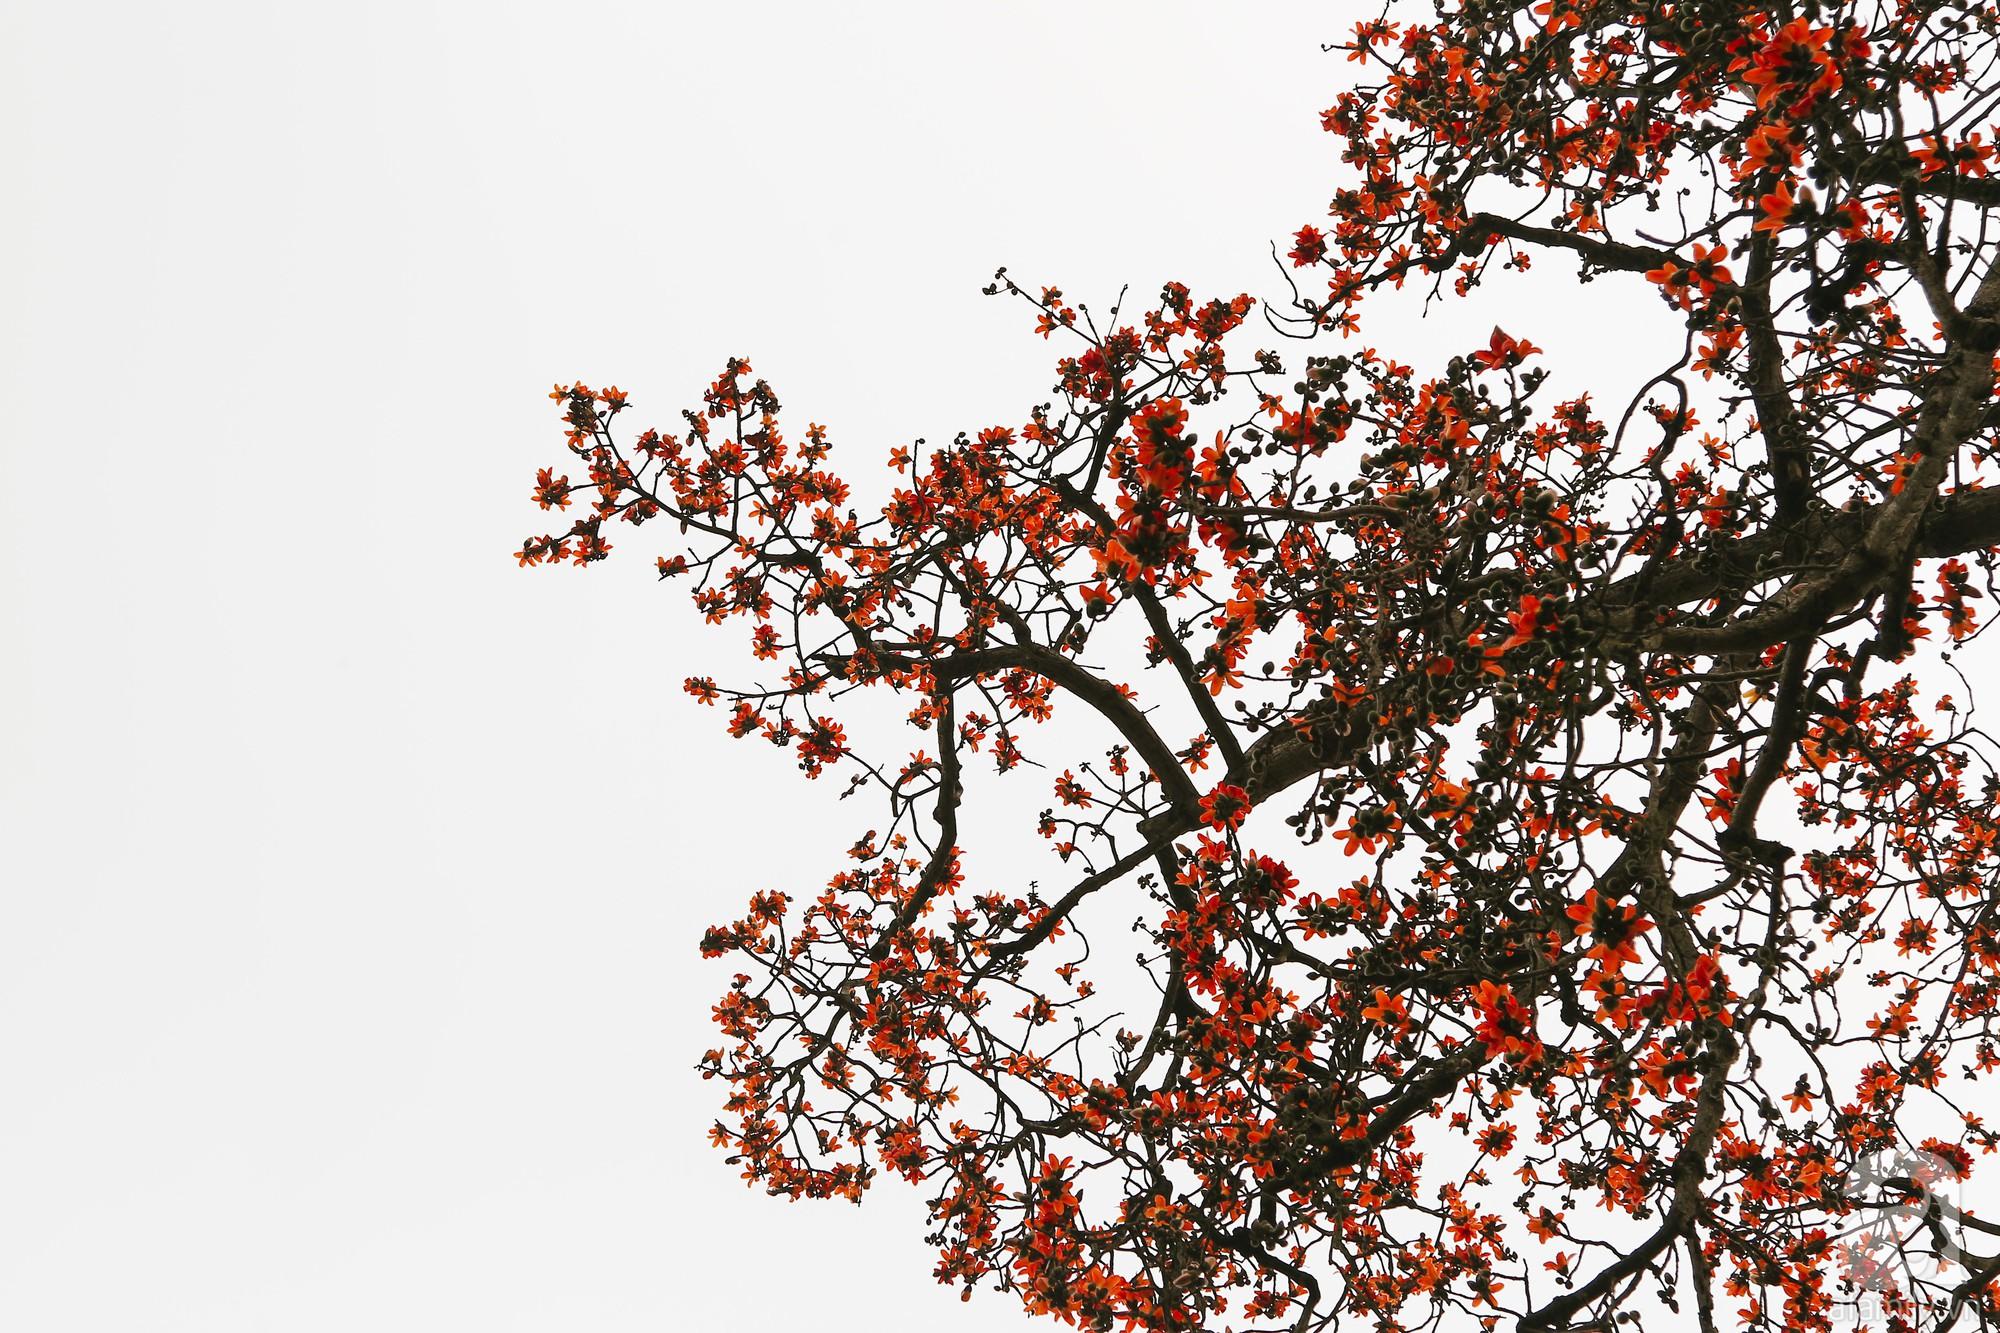 Tổng hợp hình ảnh hoa Gạo đẹp nhất